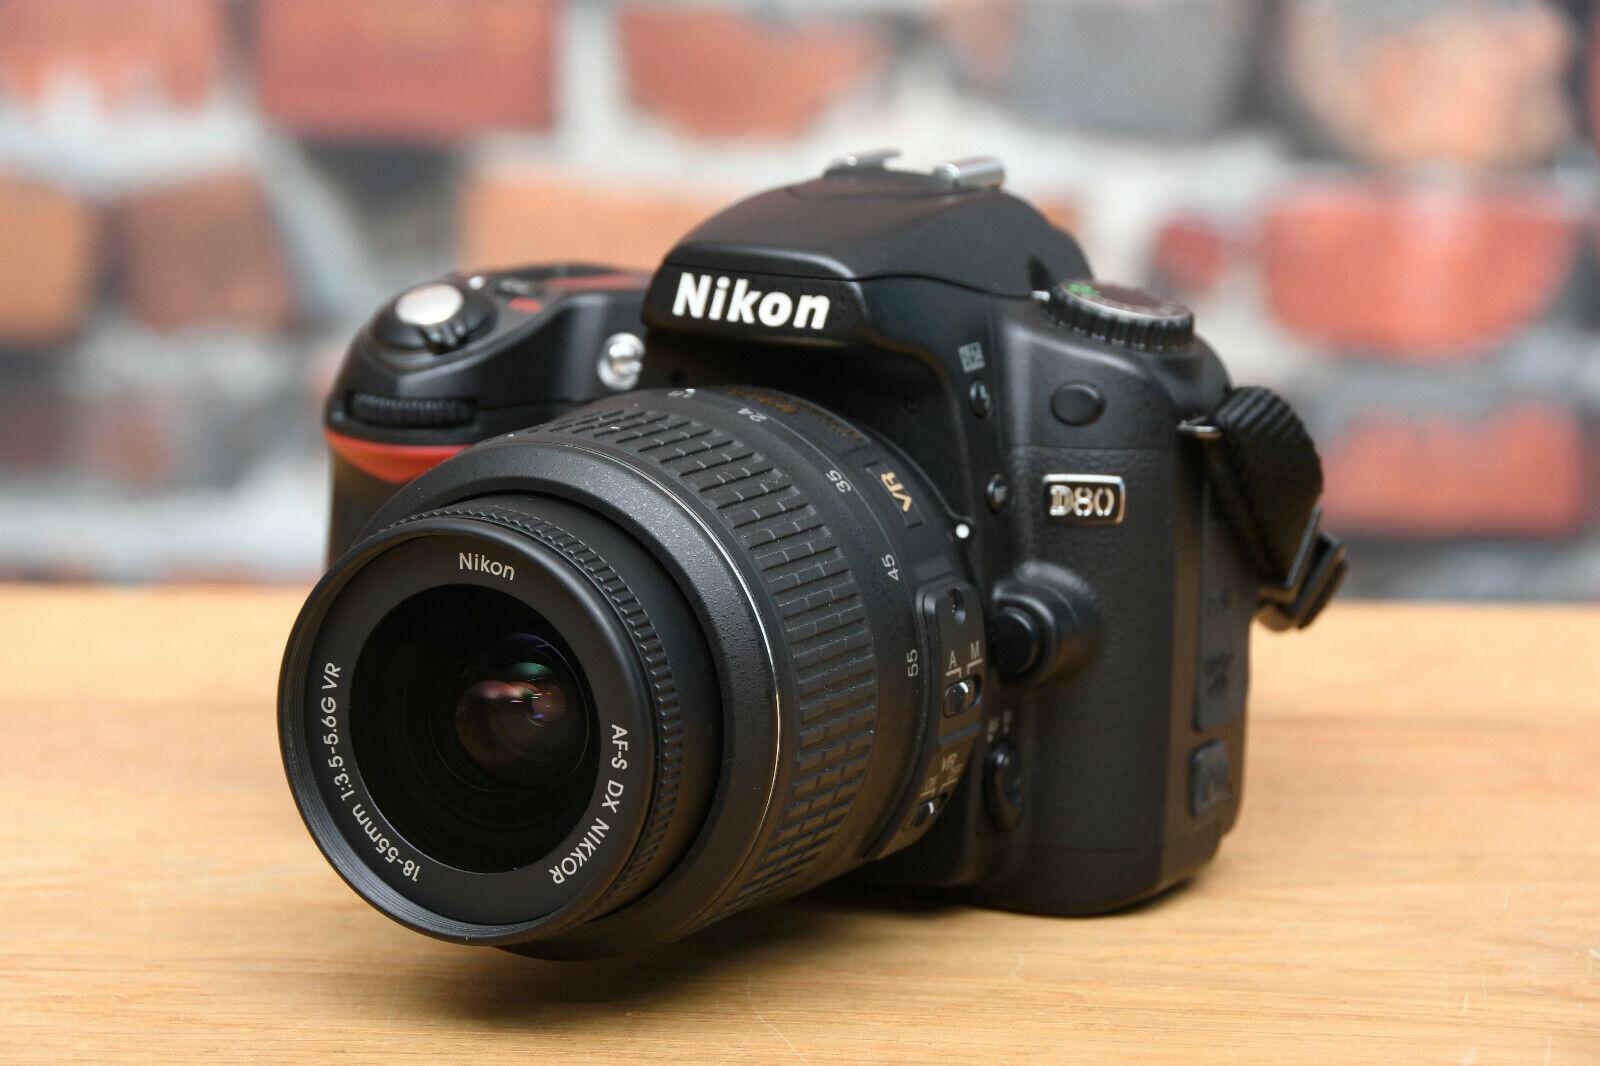 NIKON D80 Digital Spiegelreflex Kamera + DX AF-S 18-55 mm 3,5-5,6 Objektiv